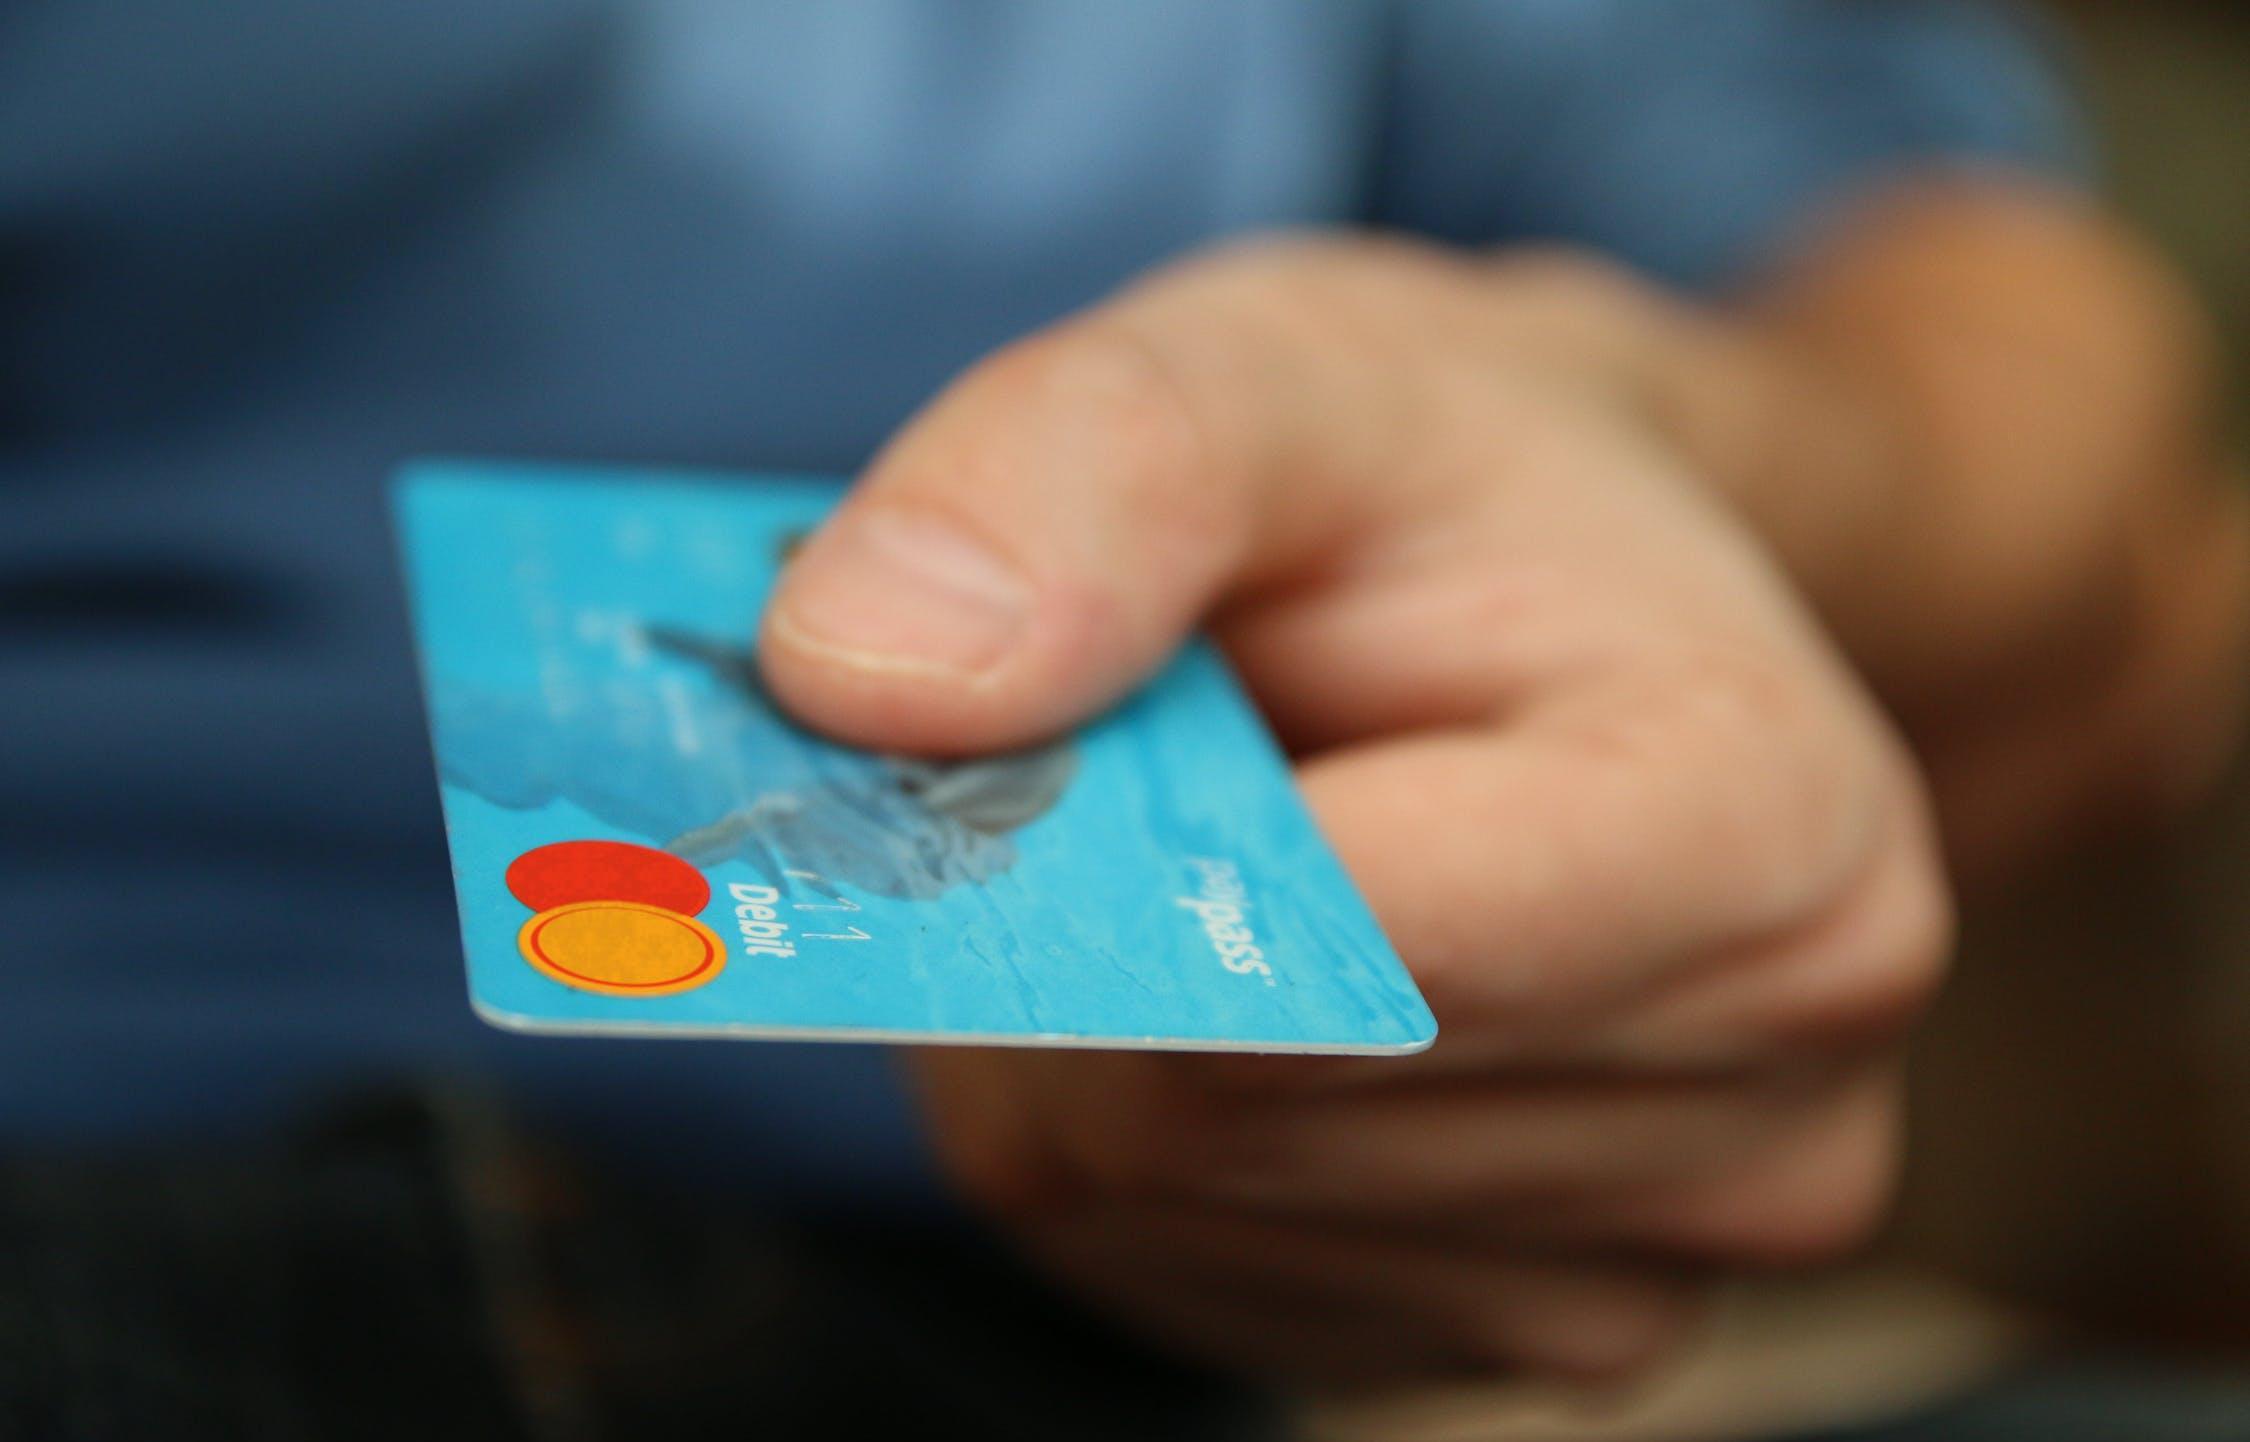 Карты Visa и MasterCard могут перестать работать в России - новости Афанасий